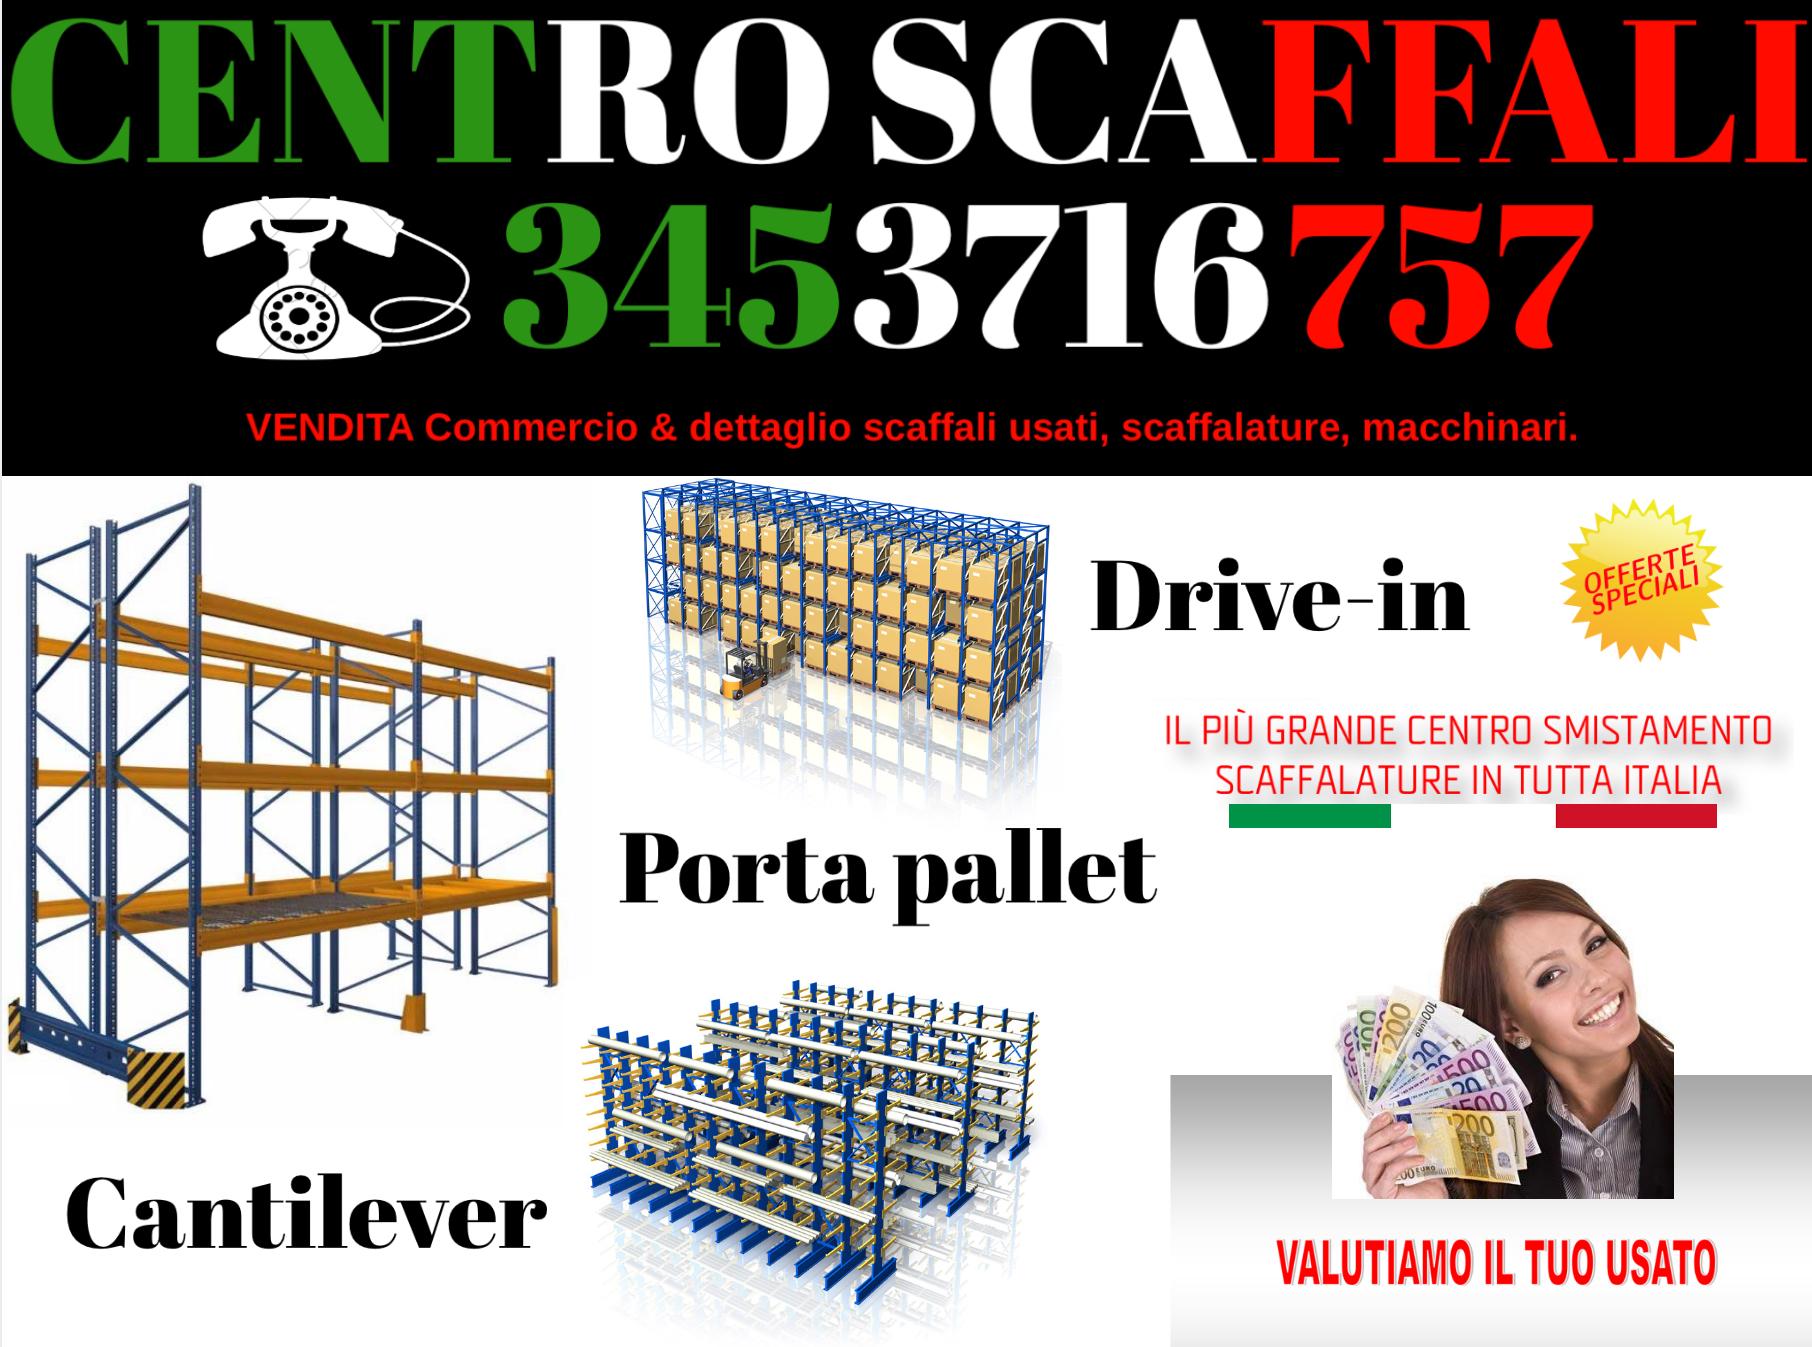 Porta pallet usati in offerta piccoli e grandi quantitativi, in tutta Italia materiale ricondizionato e con cartelle di portata, vendiamo, compriamo, trasportiamo, e montiamo.